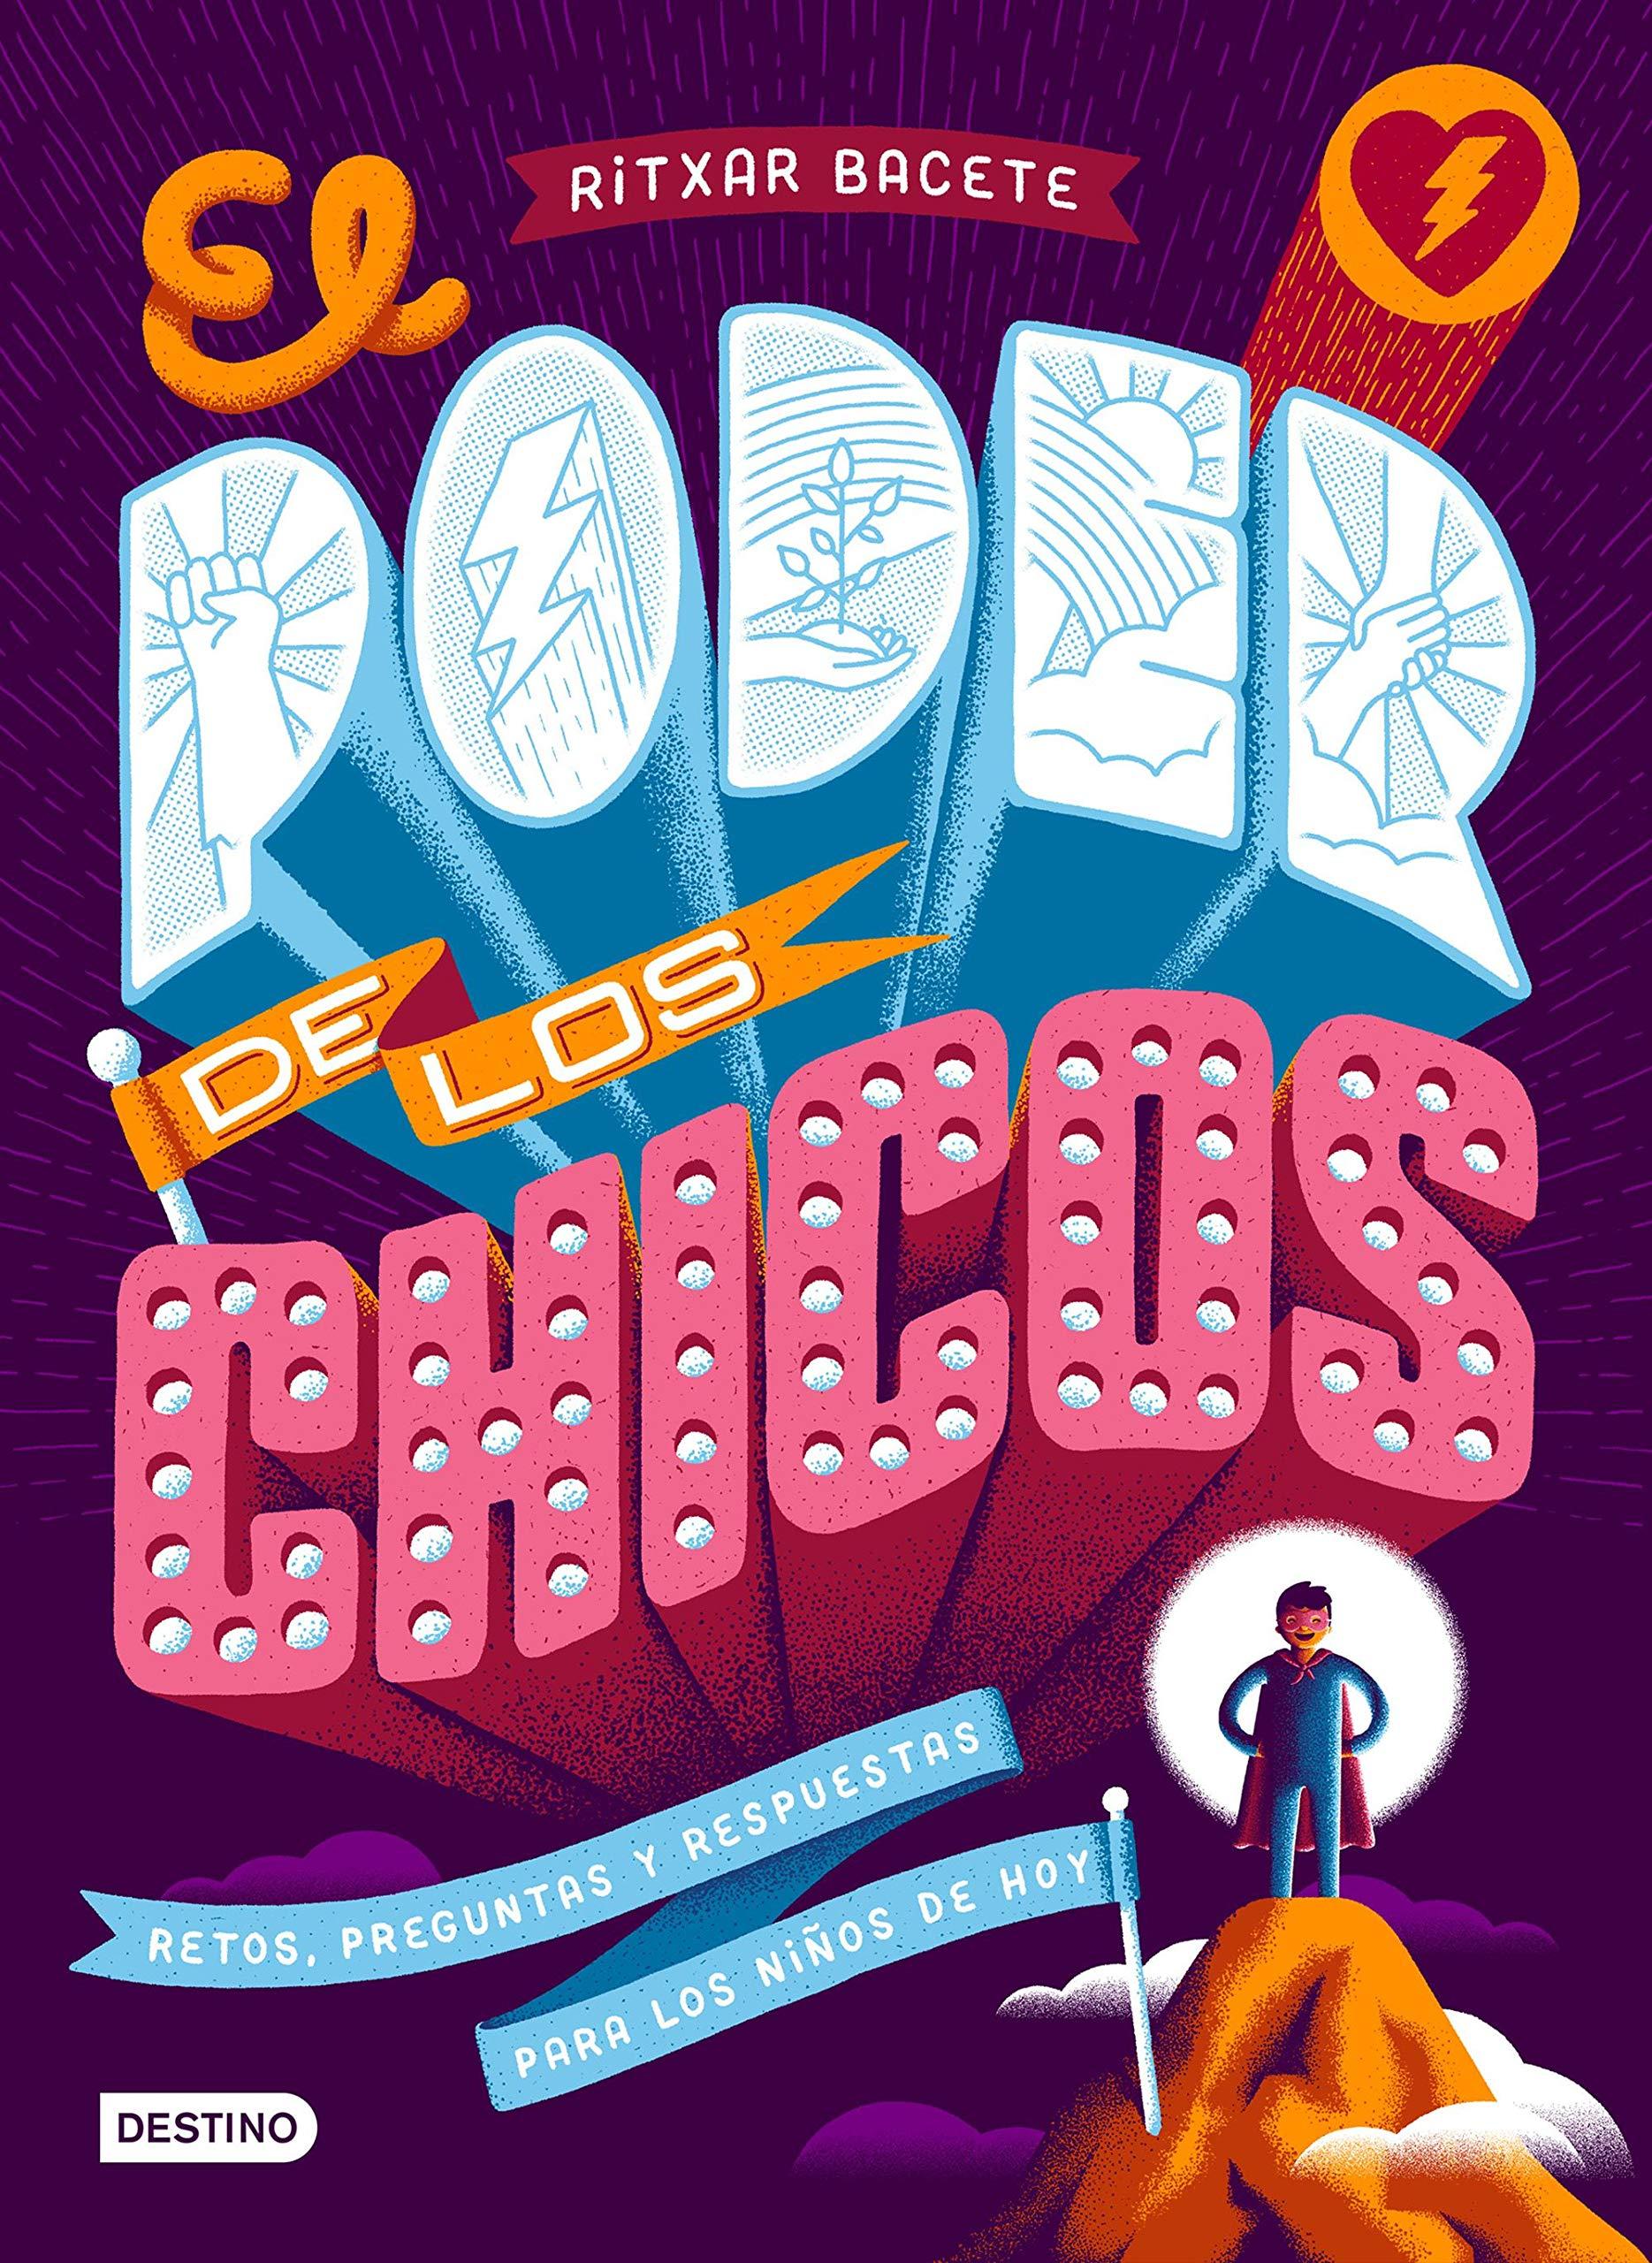 El poder de los chicos: Retos, preguntas y respuestas para los niños de hoy Libros de conocimiento: Amazon.es: Bacete, Ritxar: Libros